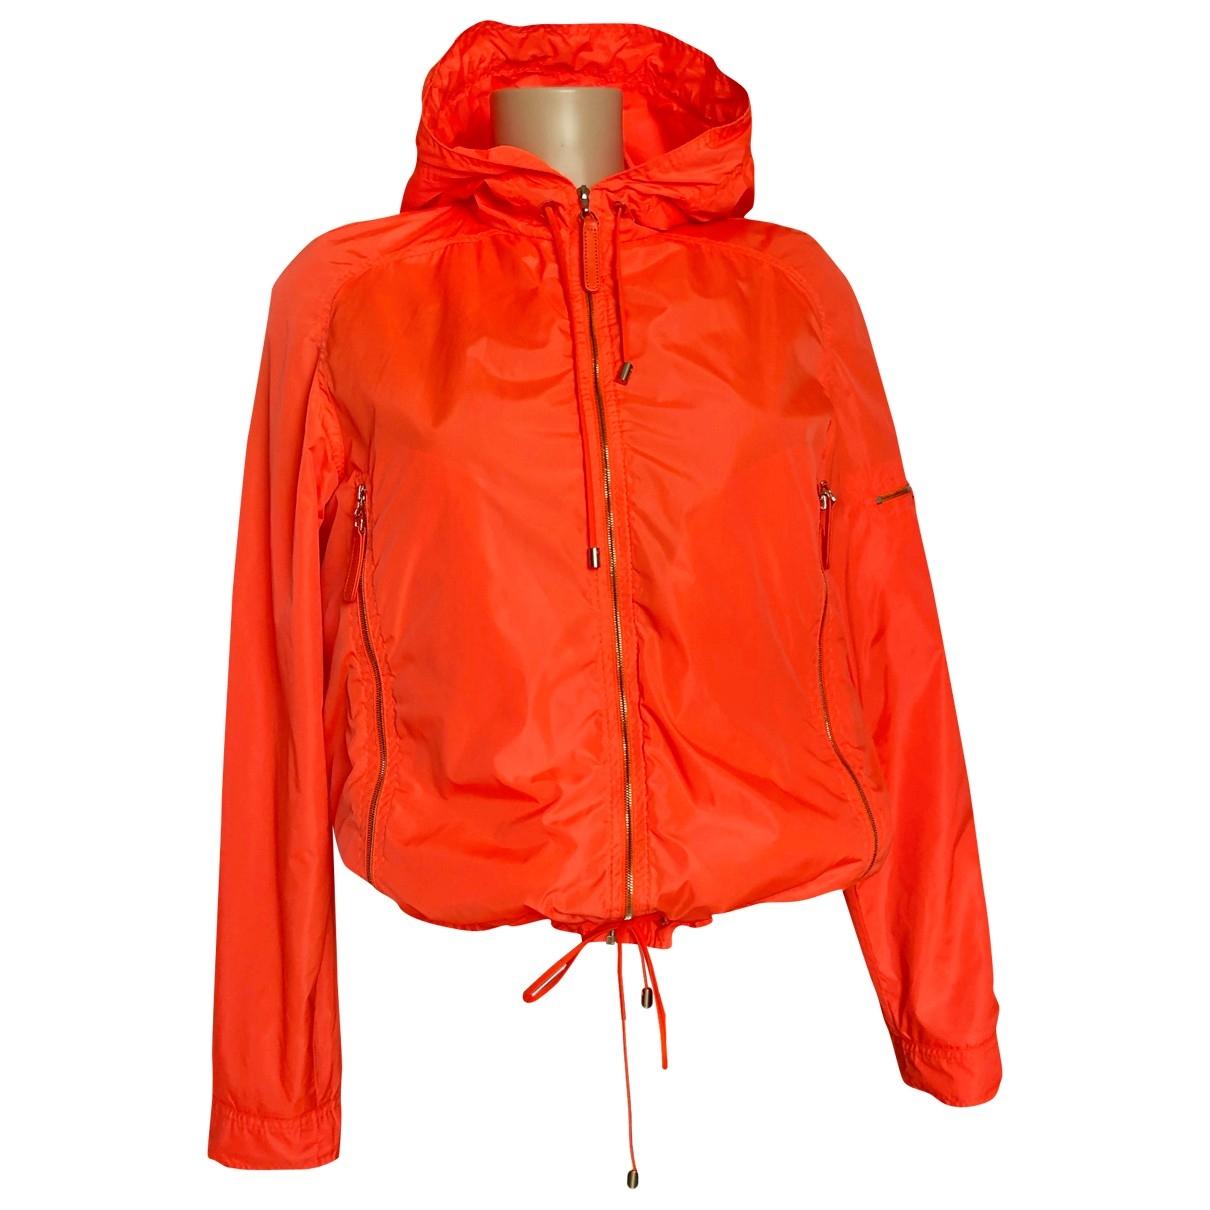 Chanel - Blouson   pour femme - orange